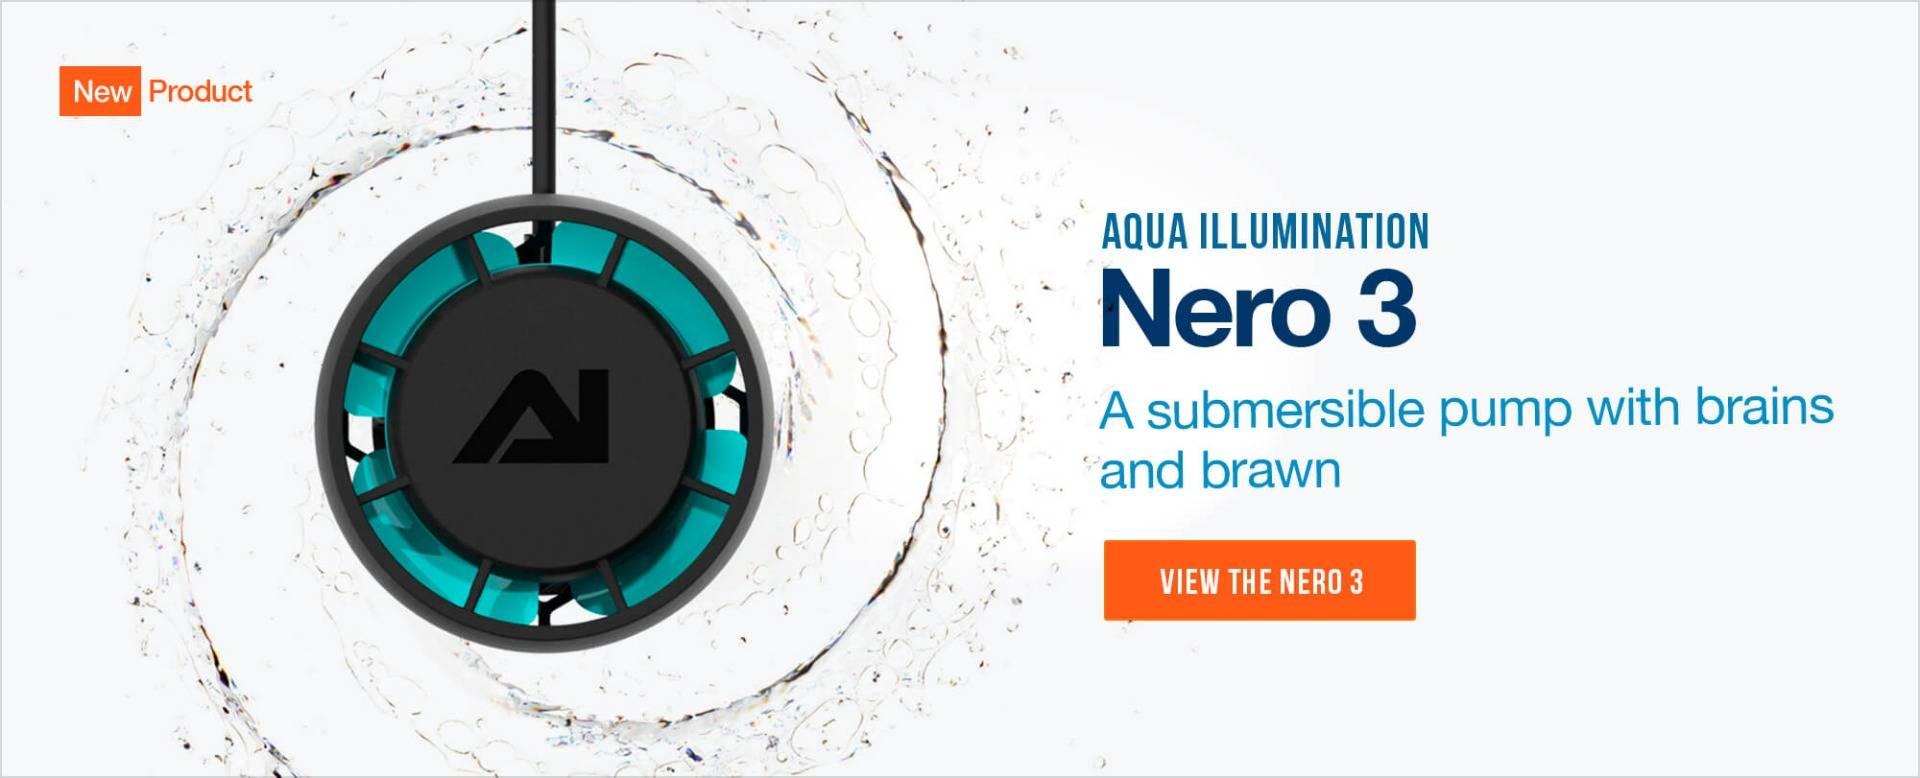 AI Nero 3 Pump - Preorder